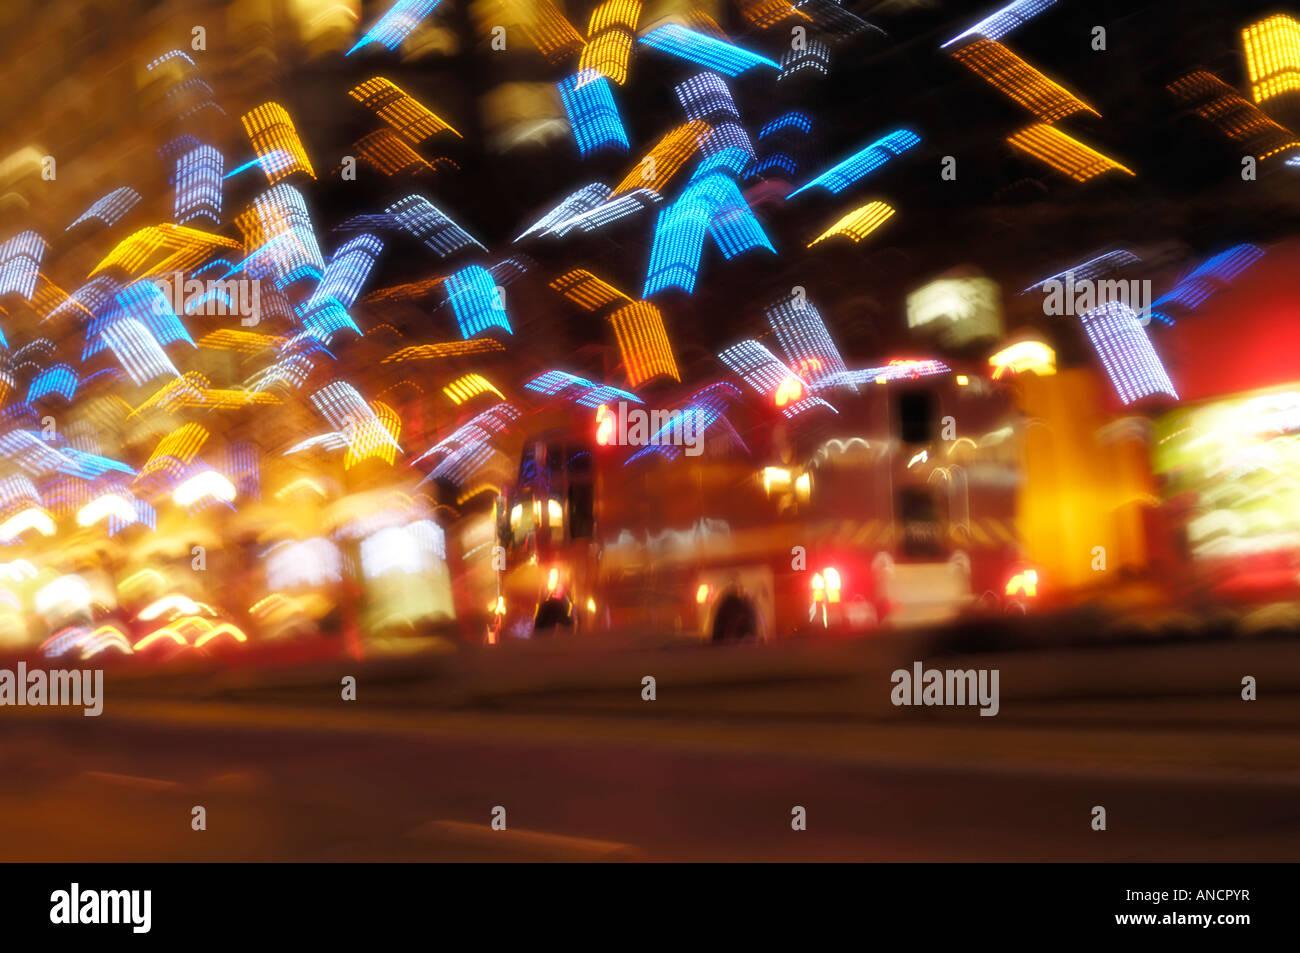 Resumen coloridas luces nocturnas de la ciudad de vacaciones Imagen De Stock